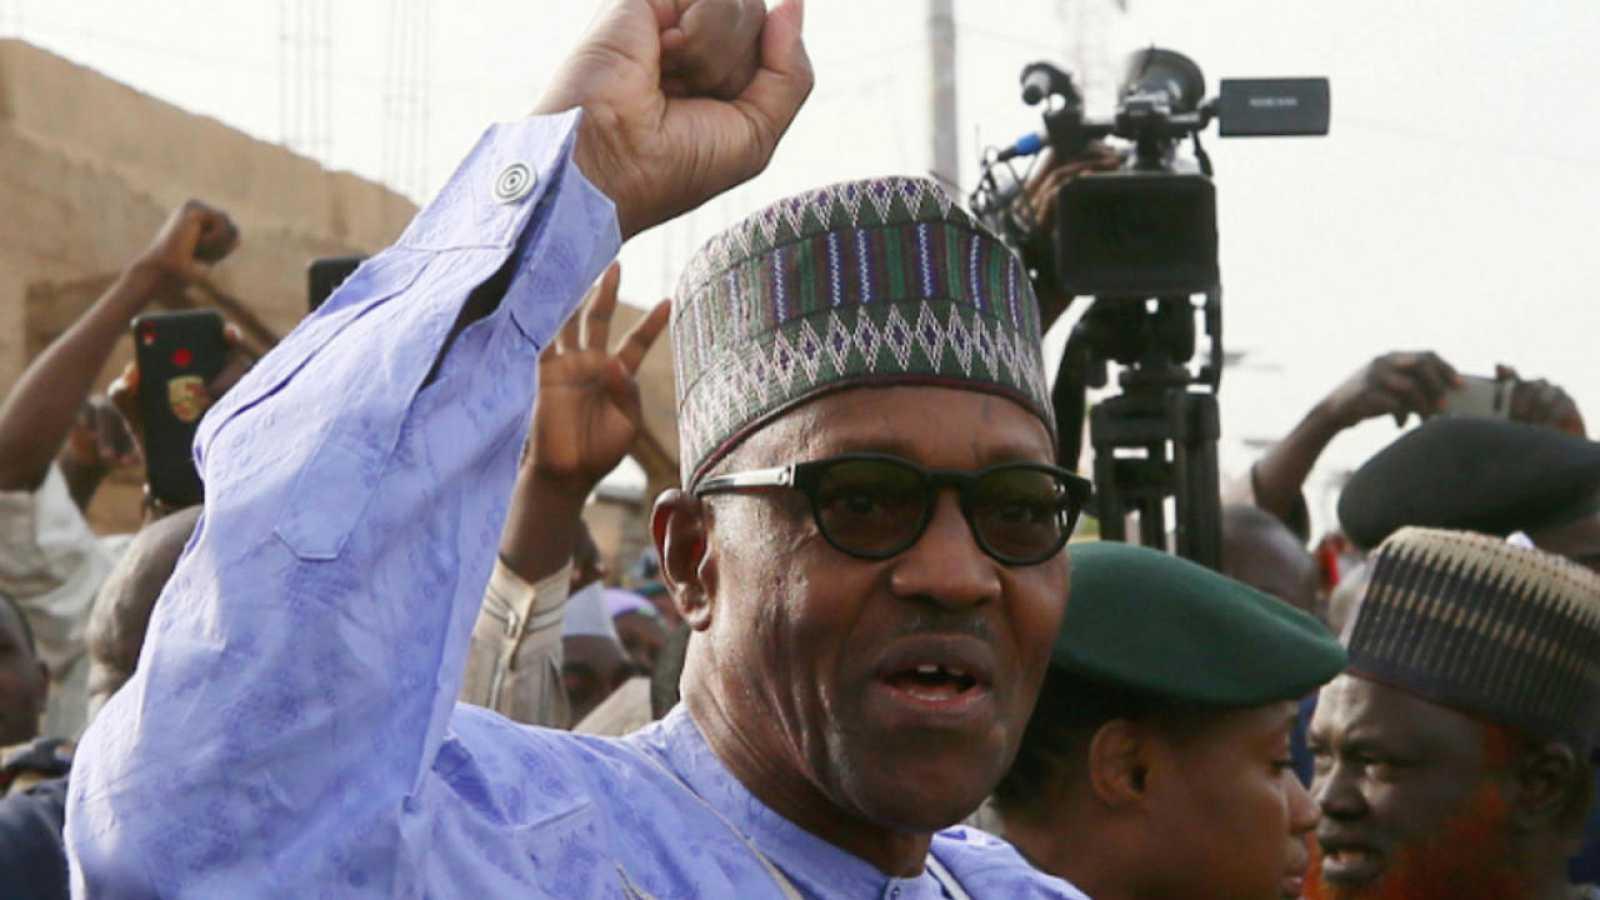 Áfica hoy - Resultados de las presidenciales en Níger - 26/02/21 - escuchar ahora